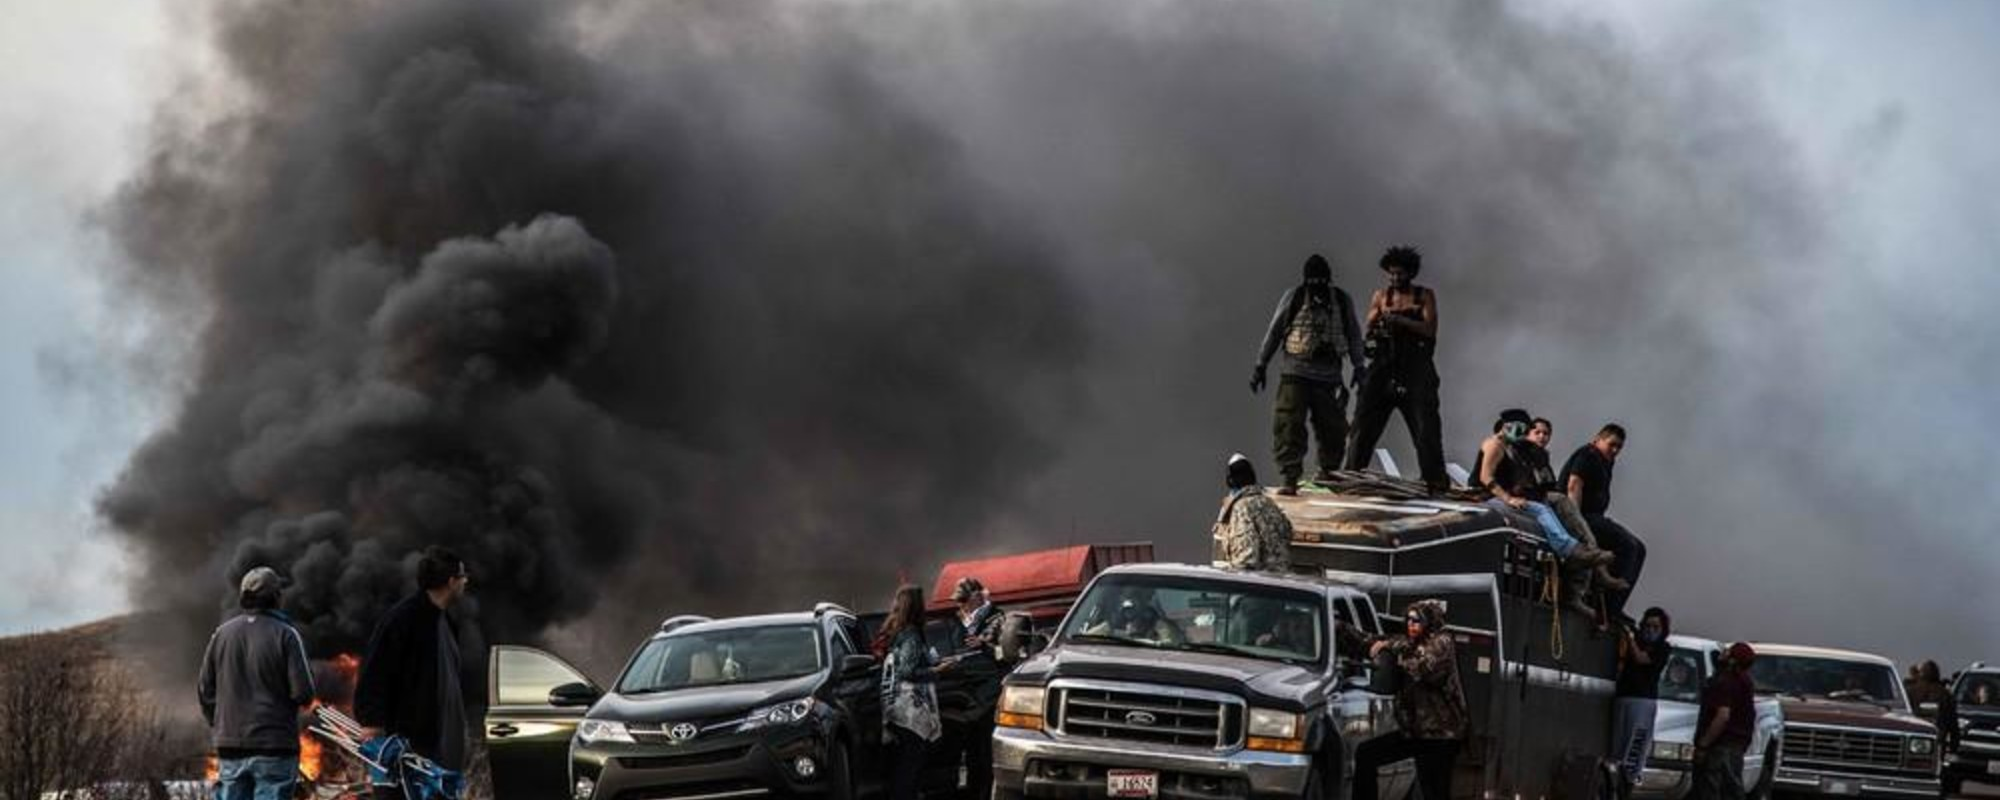 Foto della resistenza di Standing Rock